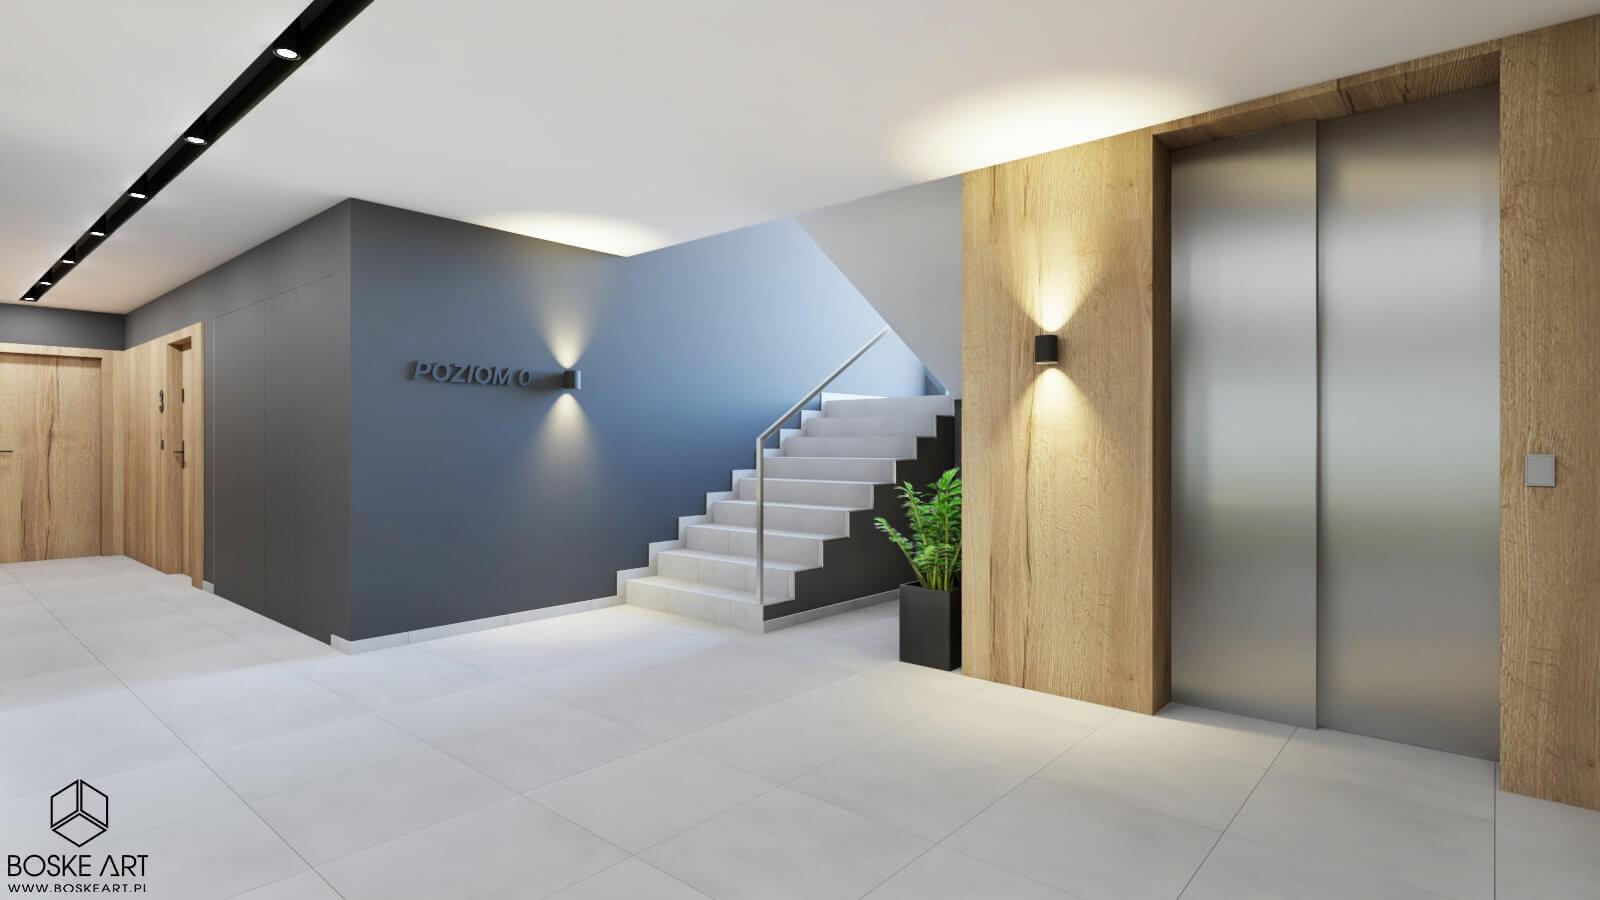 6_apartamenty_poznan_boske_art_strefa_wejsciowa_projektowanie_wnetrz_architektura_natalia_robaszkiewicz-min